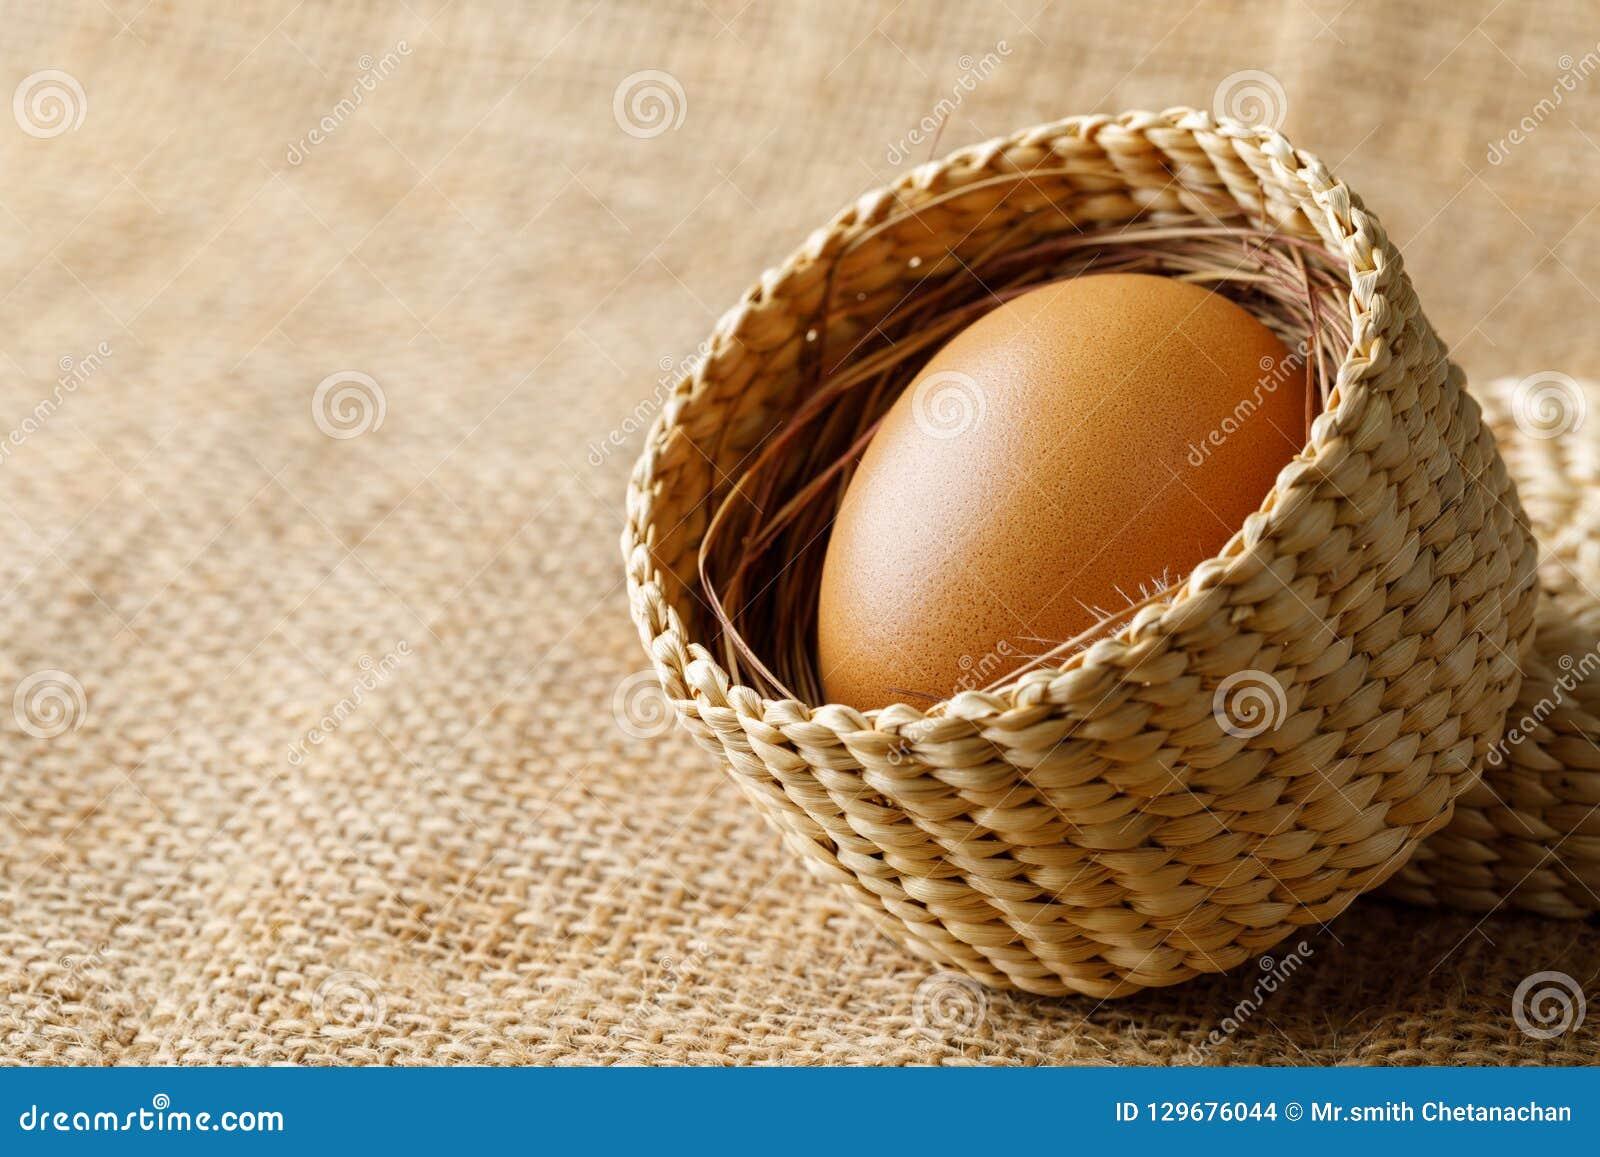 Яичко цыпленка или курицы в плетеной корзине на дерюге